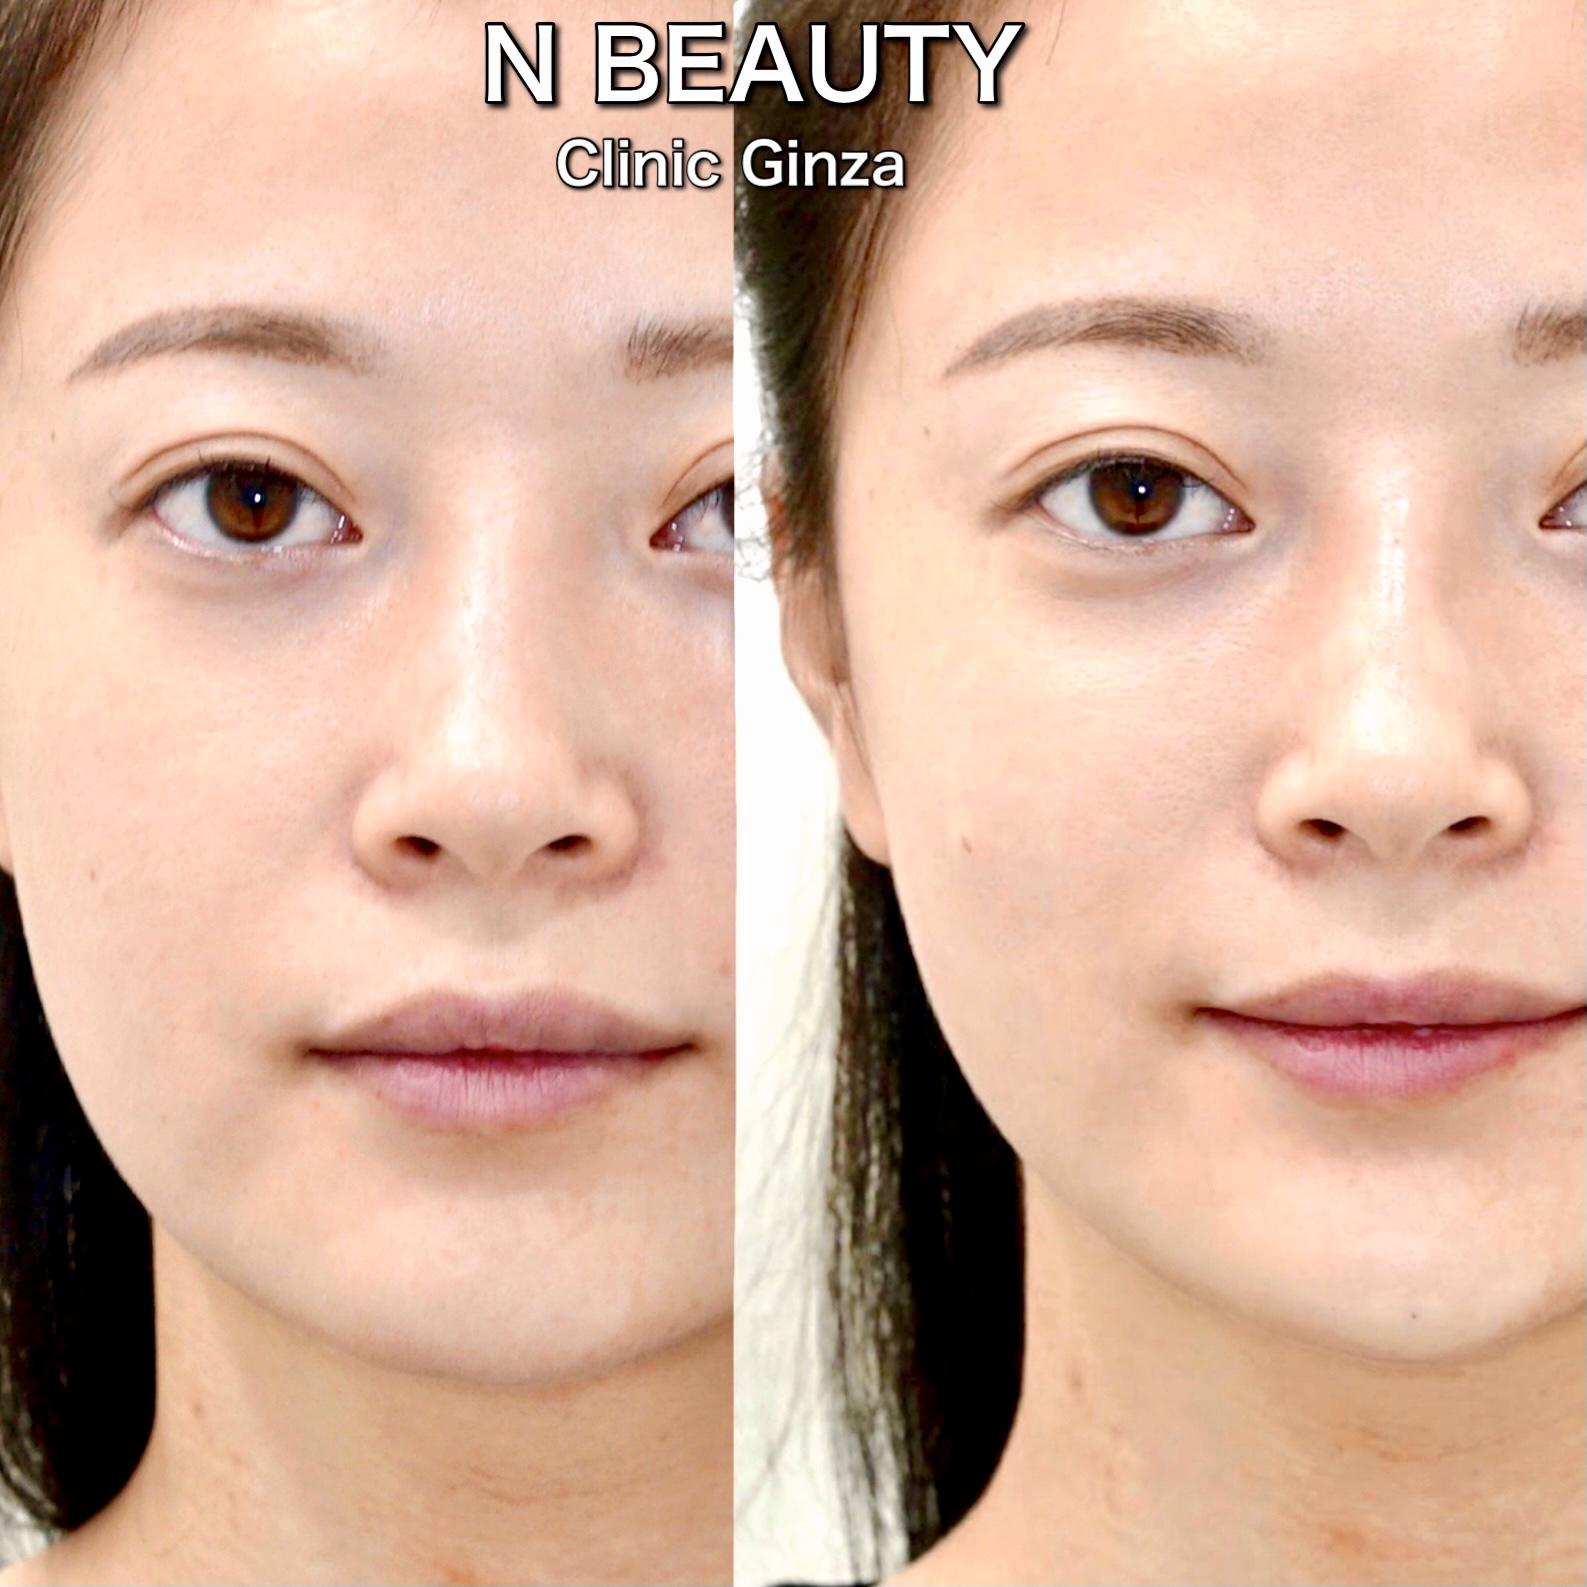 ゴルゴライン、顎、鼻根のヒアルロン酸注入の症例